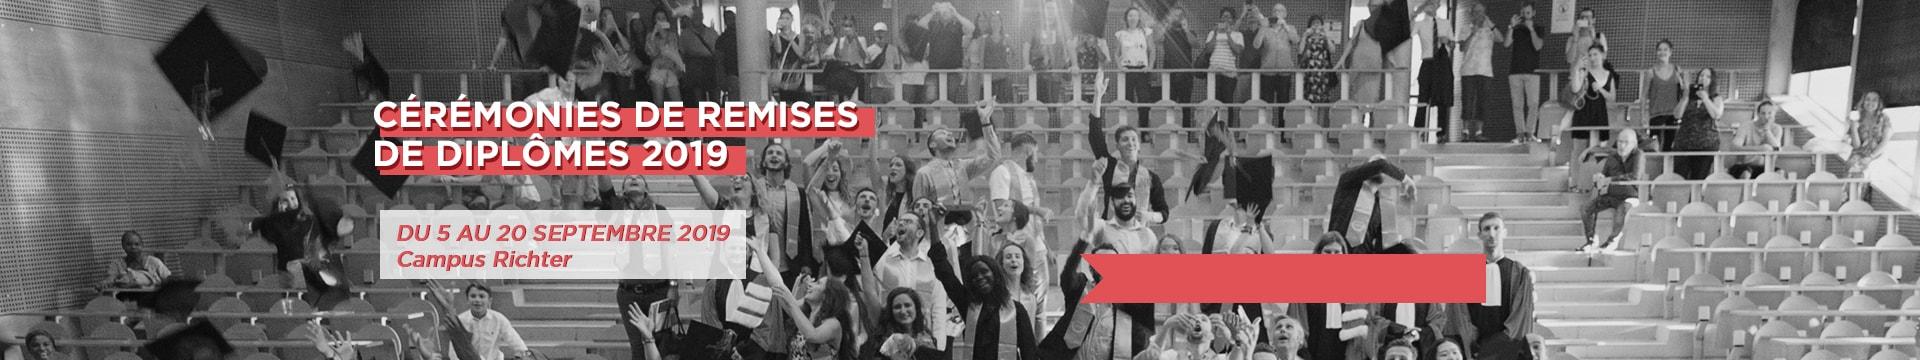 Cérémonies de remises de diplômes 2019 - Montpellier Management